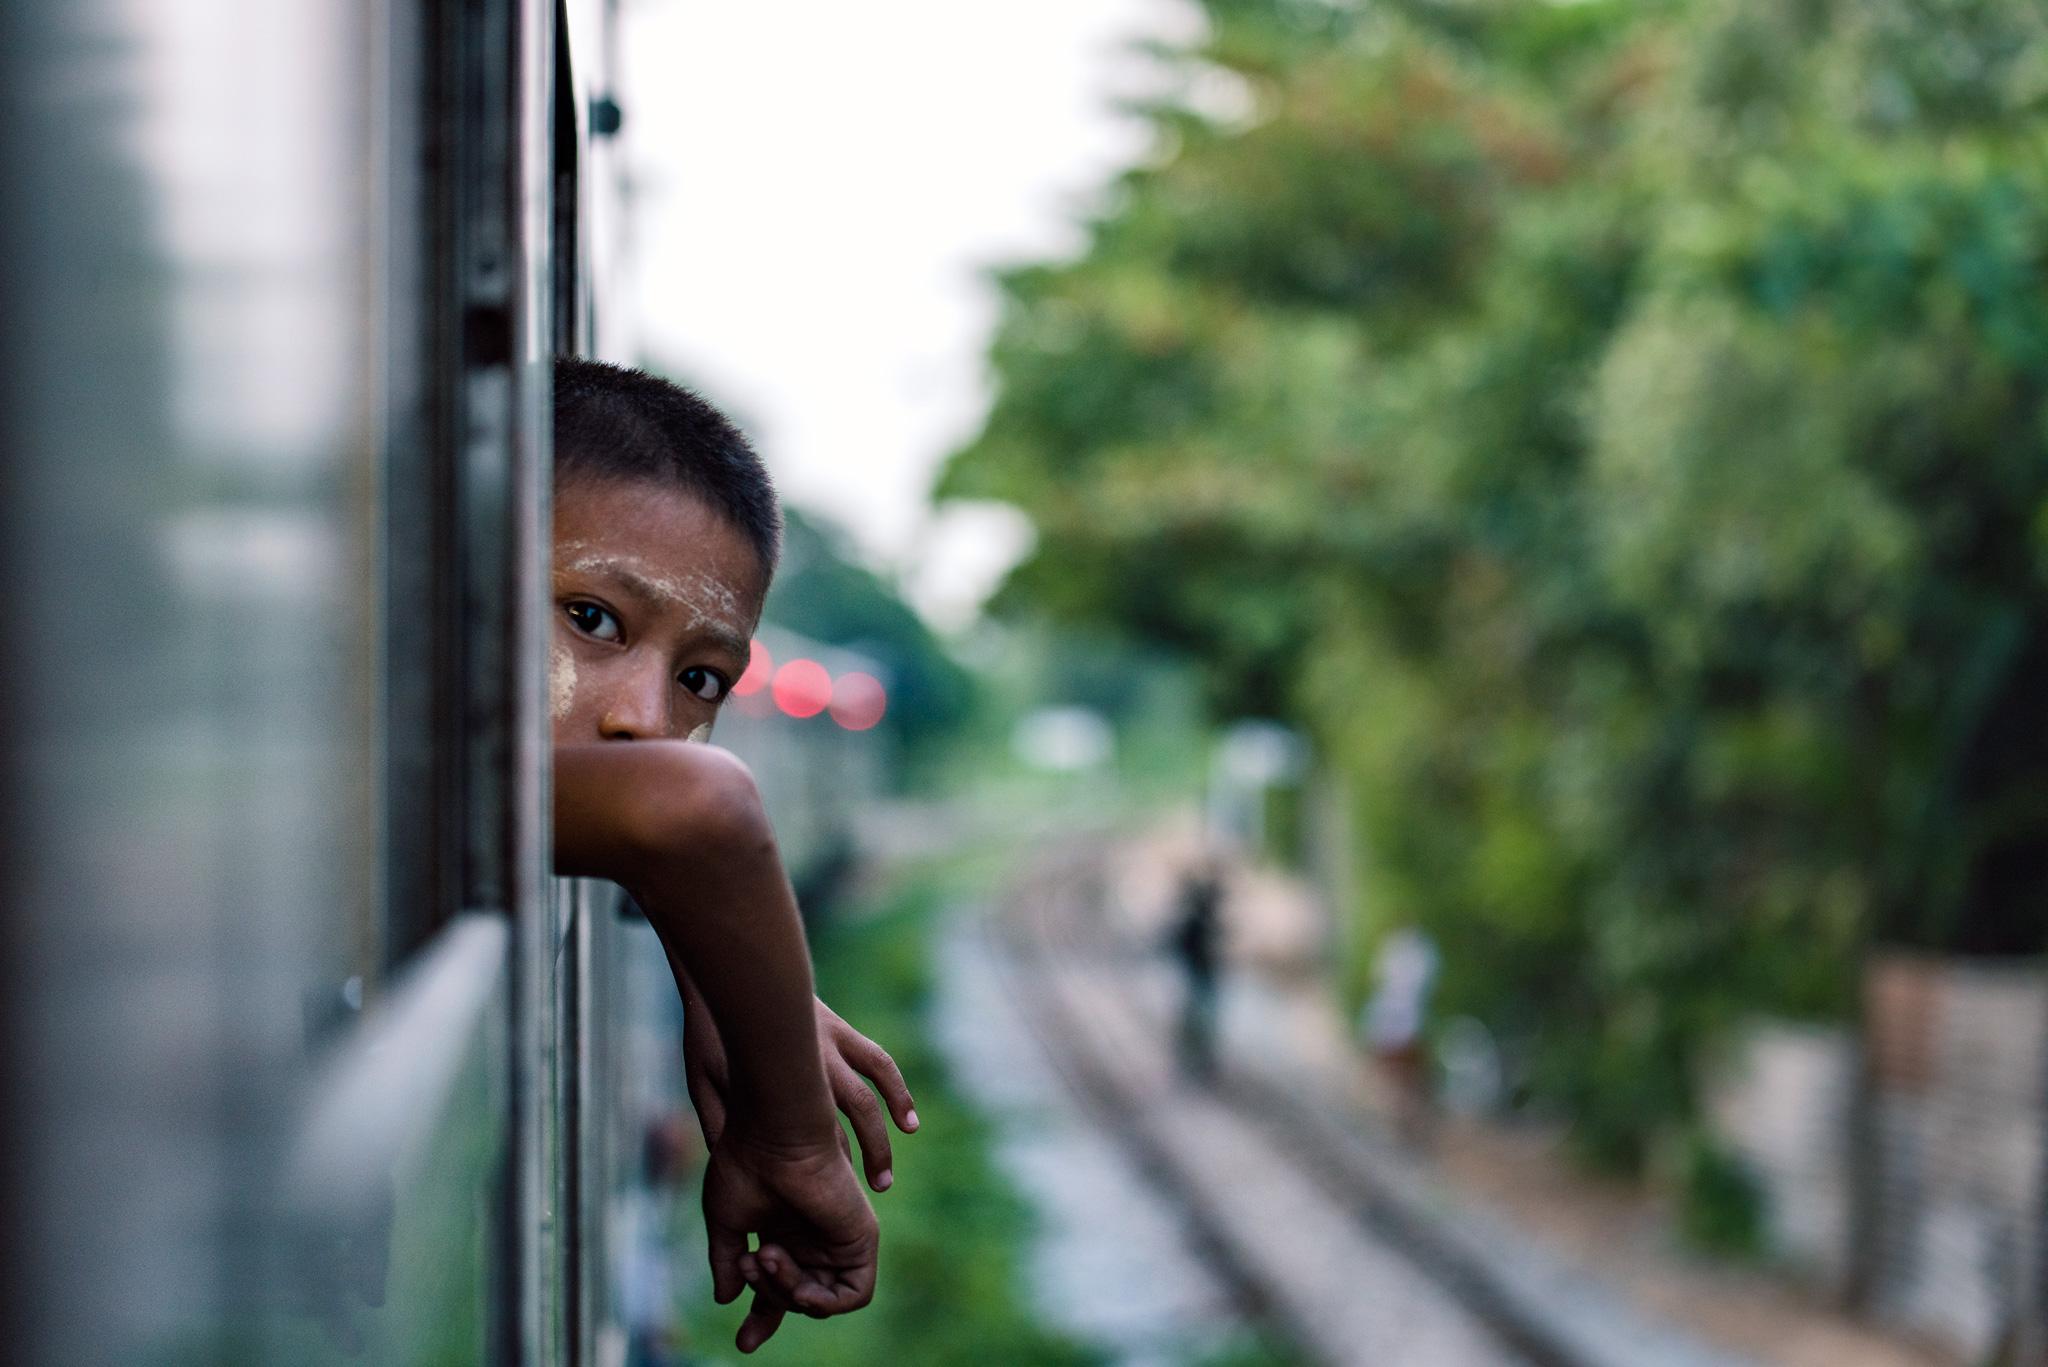 boy_on_train-MYR-0921.jpg